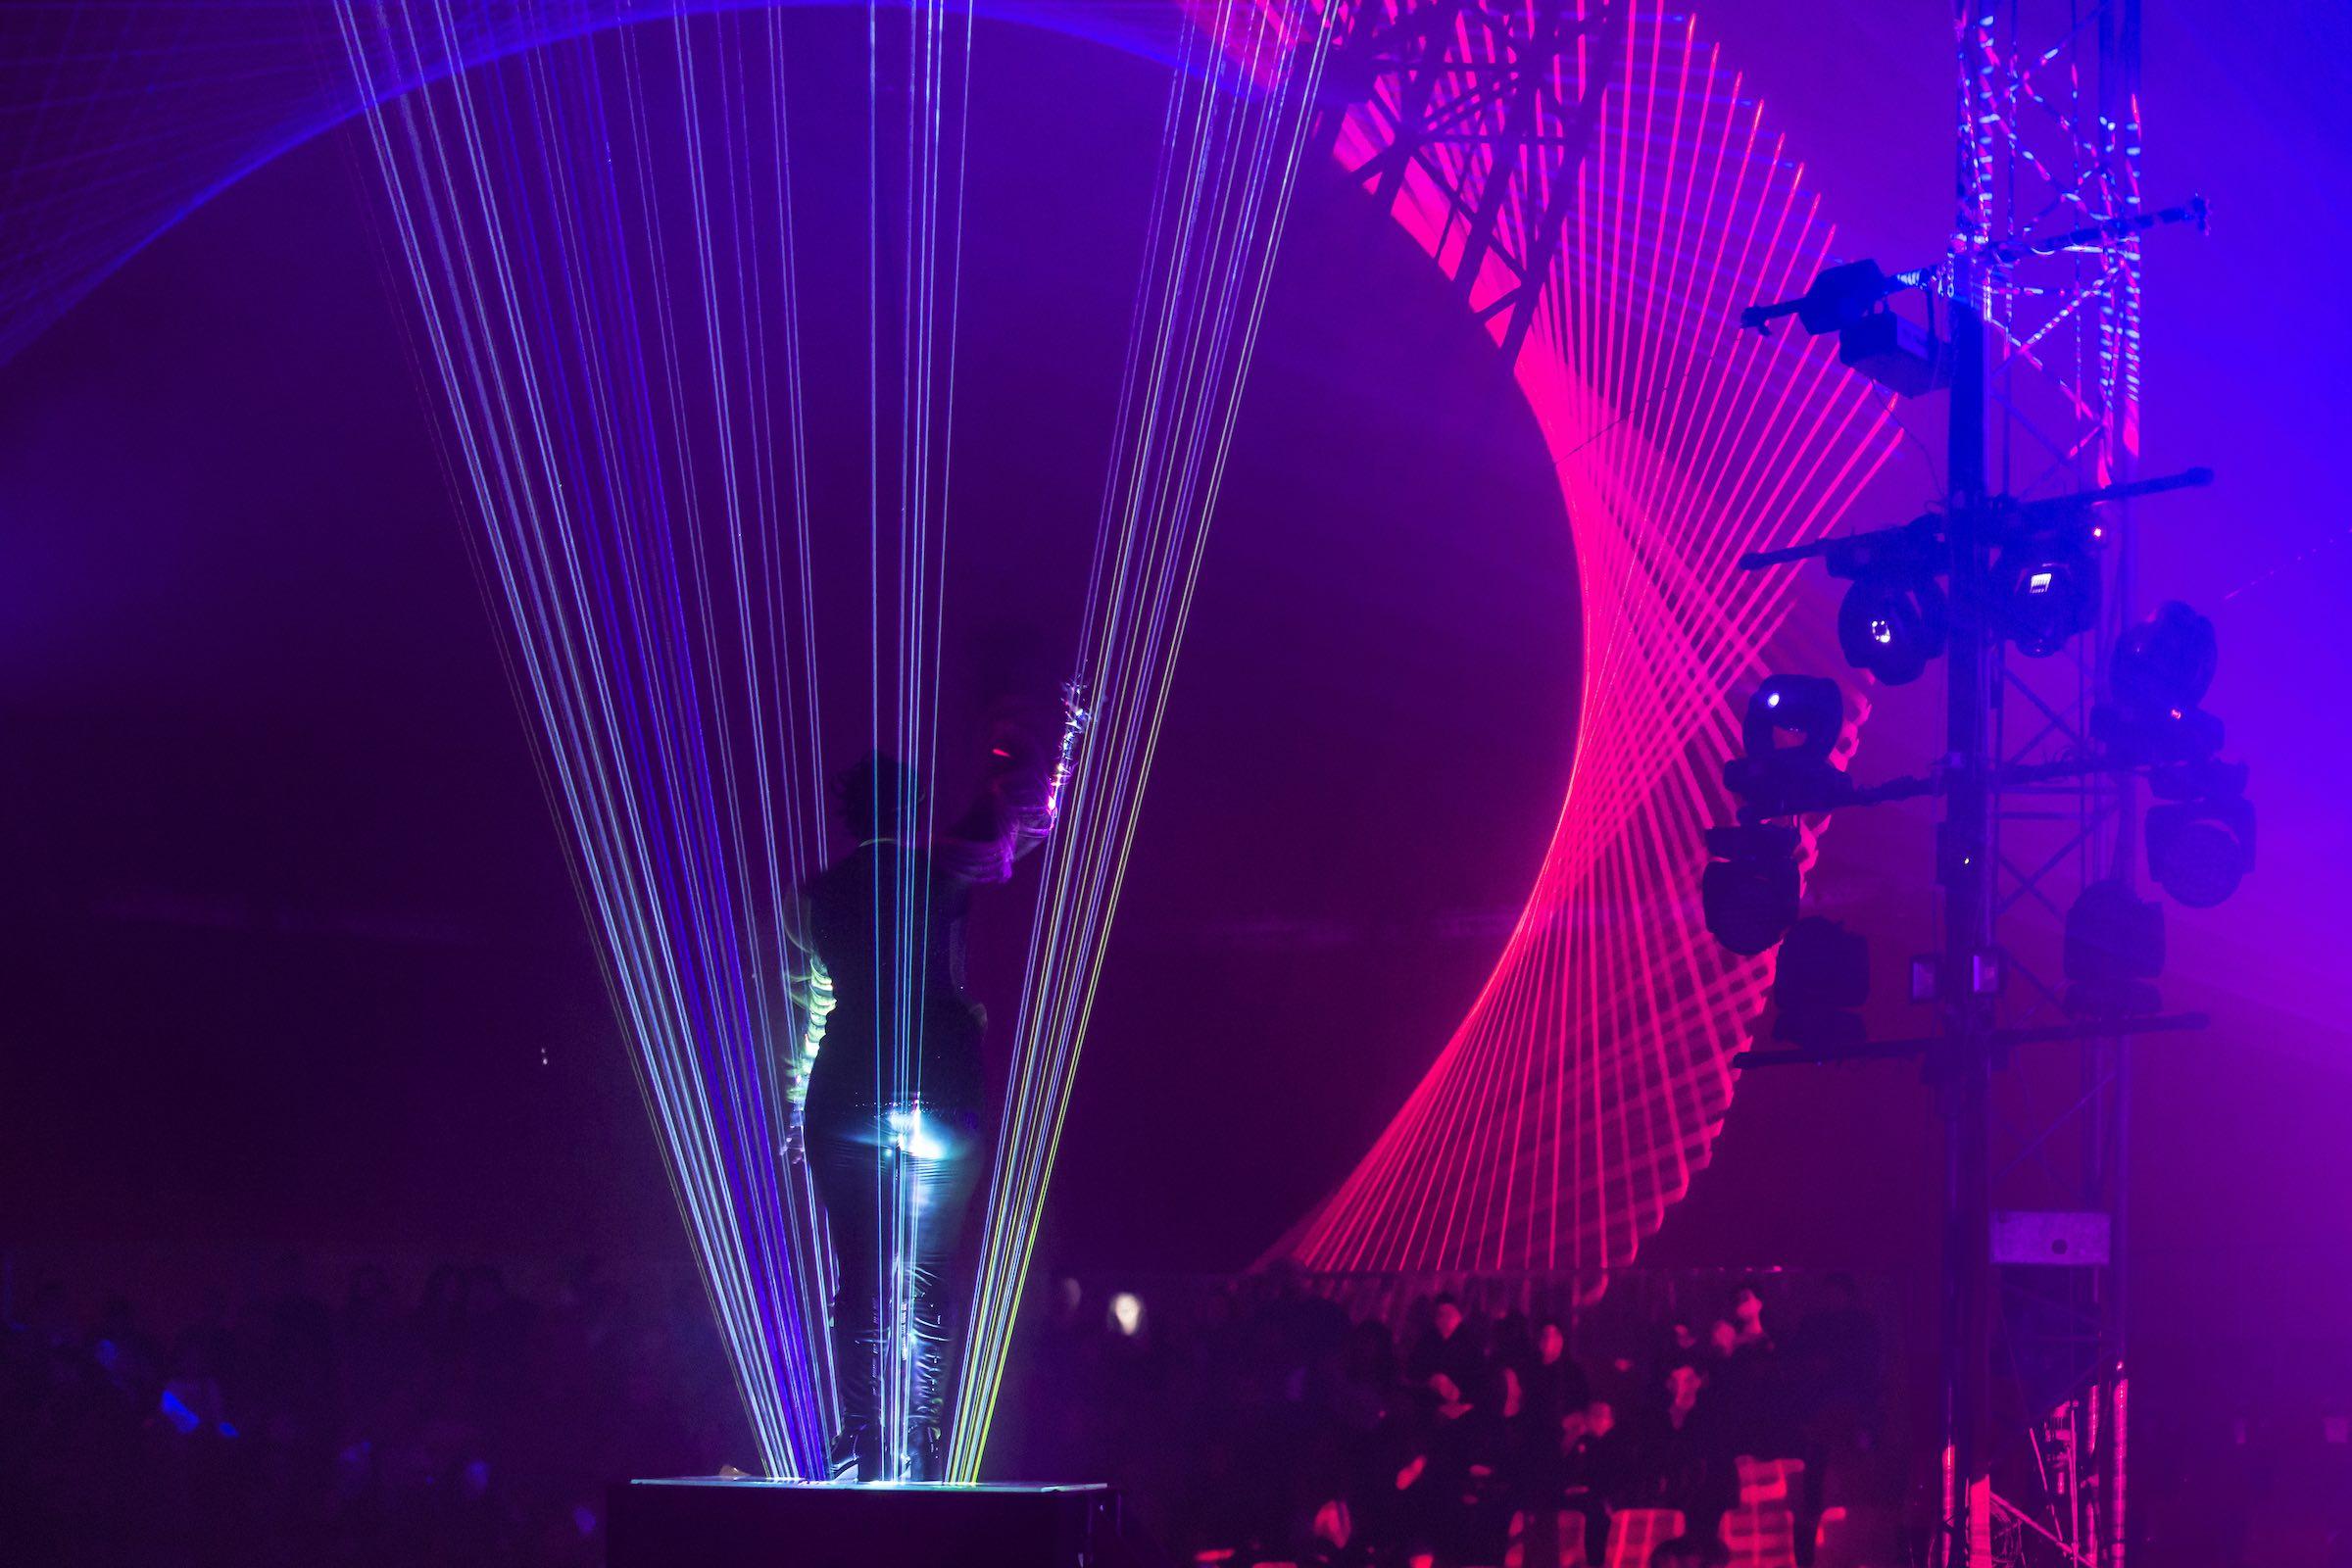 Lasershow   Laser   Technik   Event   Show   Laser   Lichtshow   Outdoor   Beamshow   Lichttechnik   Indoor   Lightshow   Bühnenshow   Präsentation   Business   Anfragen   Buchen   Mieten   Lehmann   Eventservice